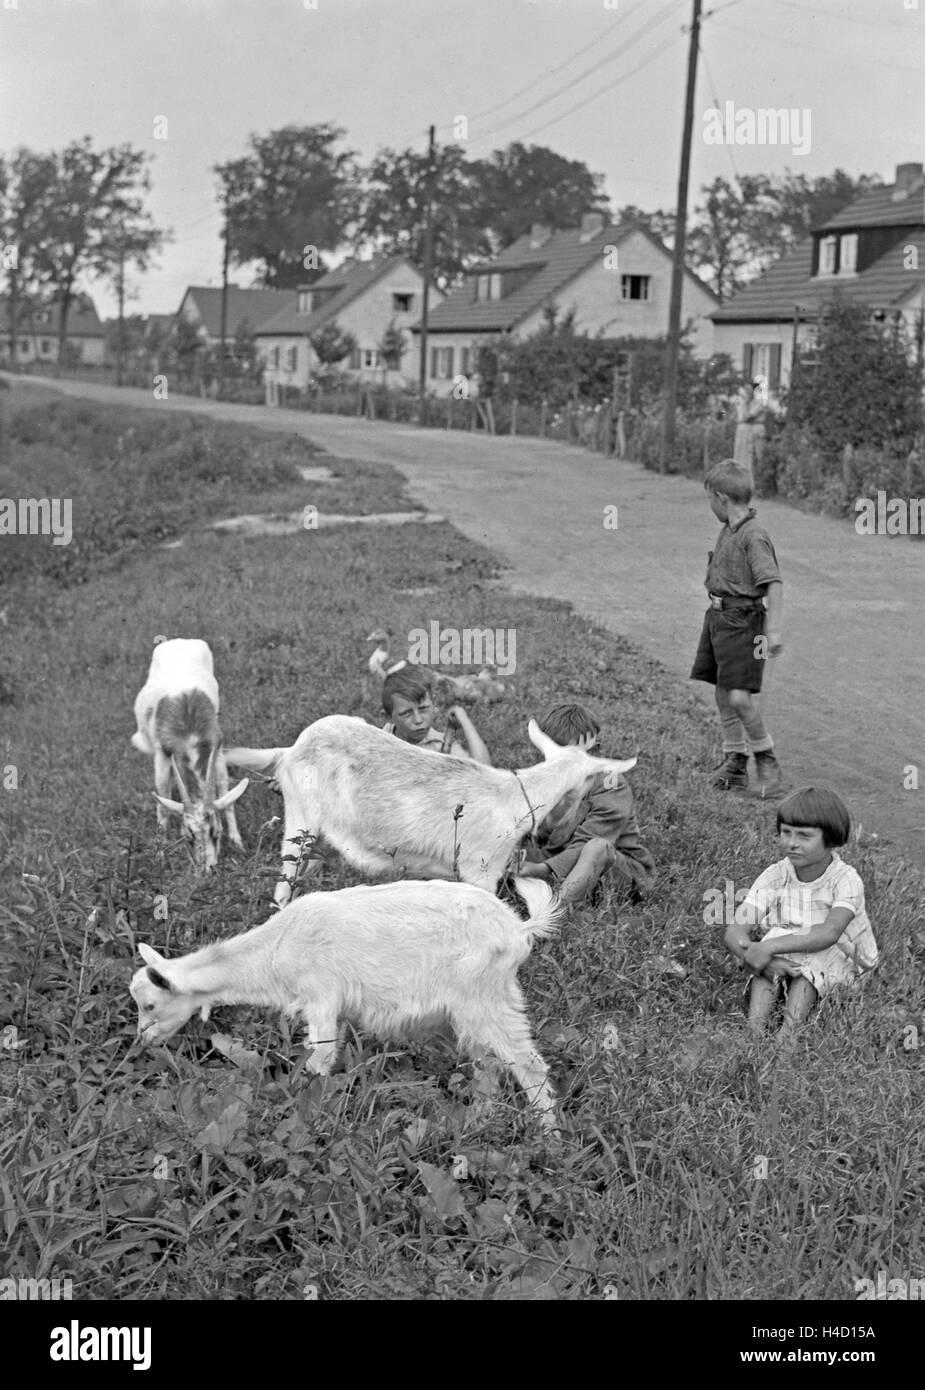 Kinder Einer Reihenhaussiedlung Beim Ziegenhüten, 1930er Jahre Deutschland. Kinder eine serielle Häuser Stockbild